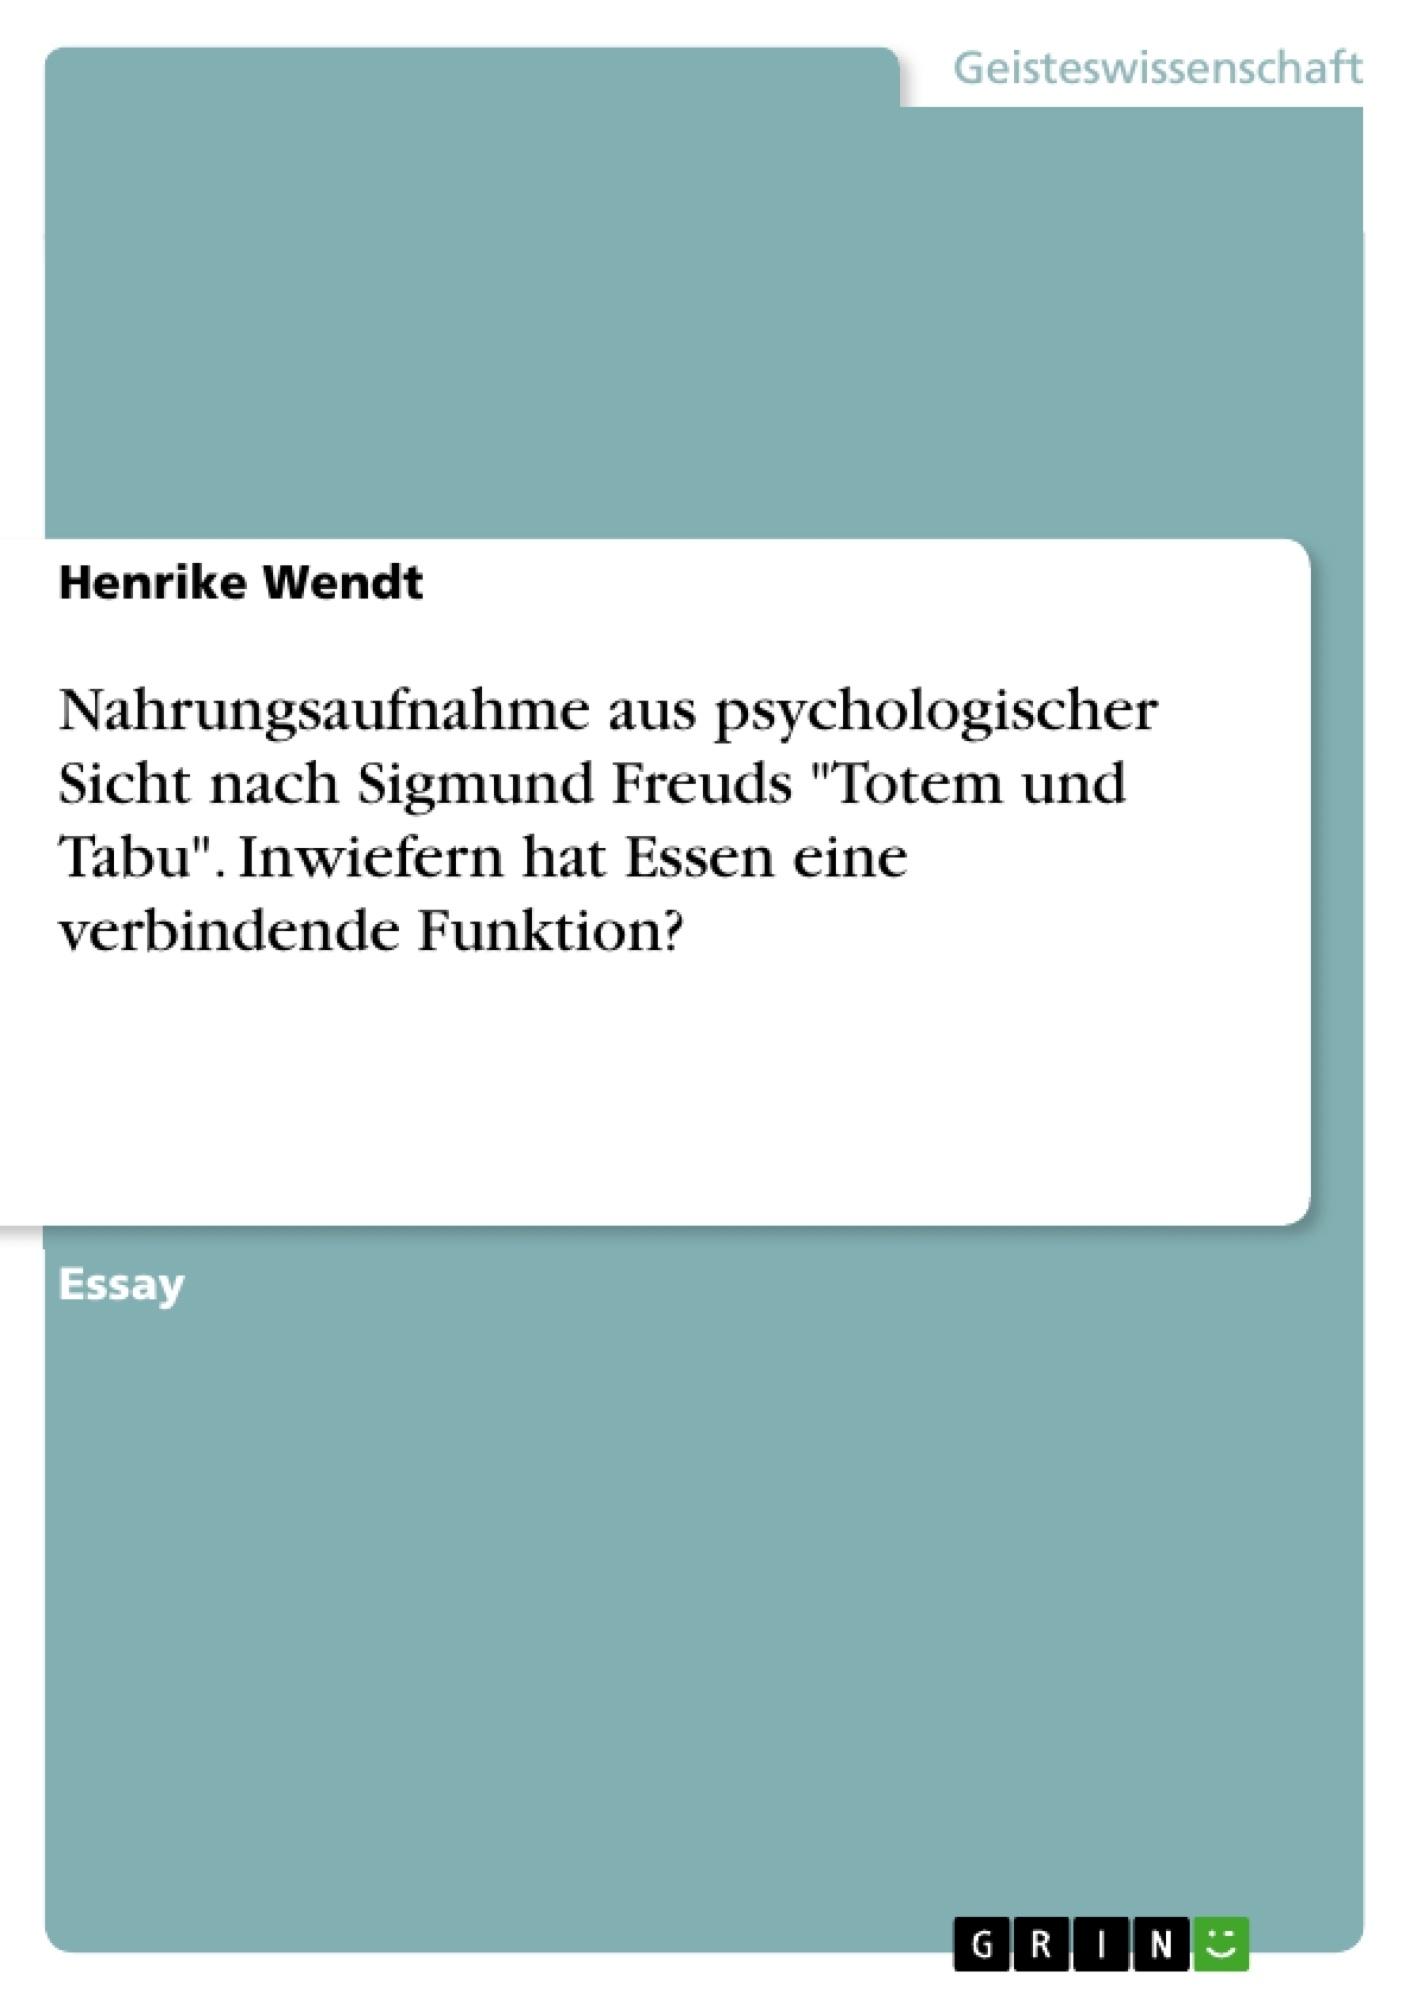 """Titel: Nahrungsaufnahme aus psychologischer Sicht nach Sigmund Freuds """"Totem und Tabu"""". Inwiefern hat Essen eine verbindende Funktion?"""